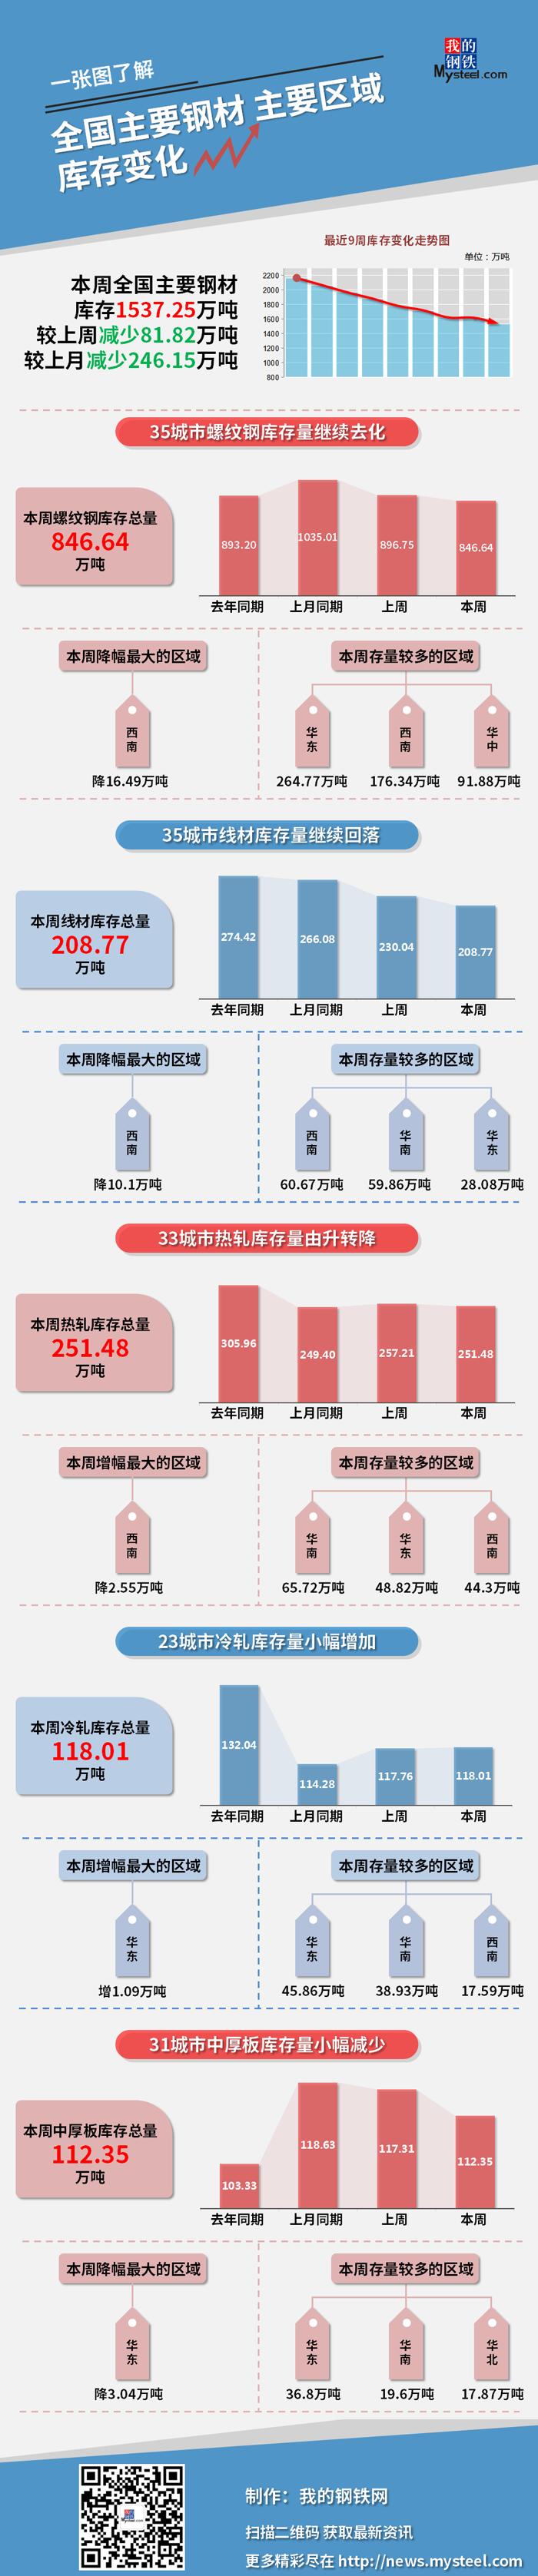 图说 | 本周钢材社会库存减少81.82万吨(5月7日—5月13日)